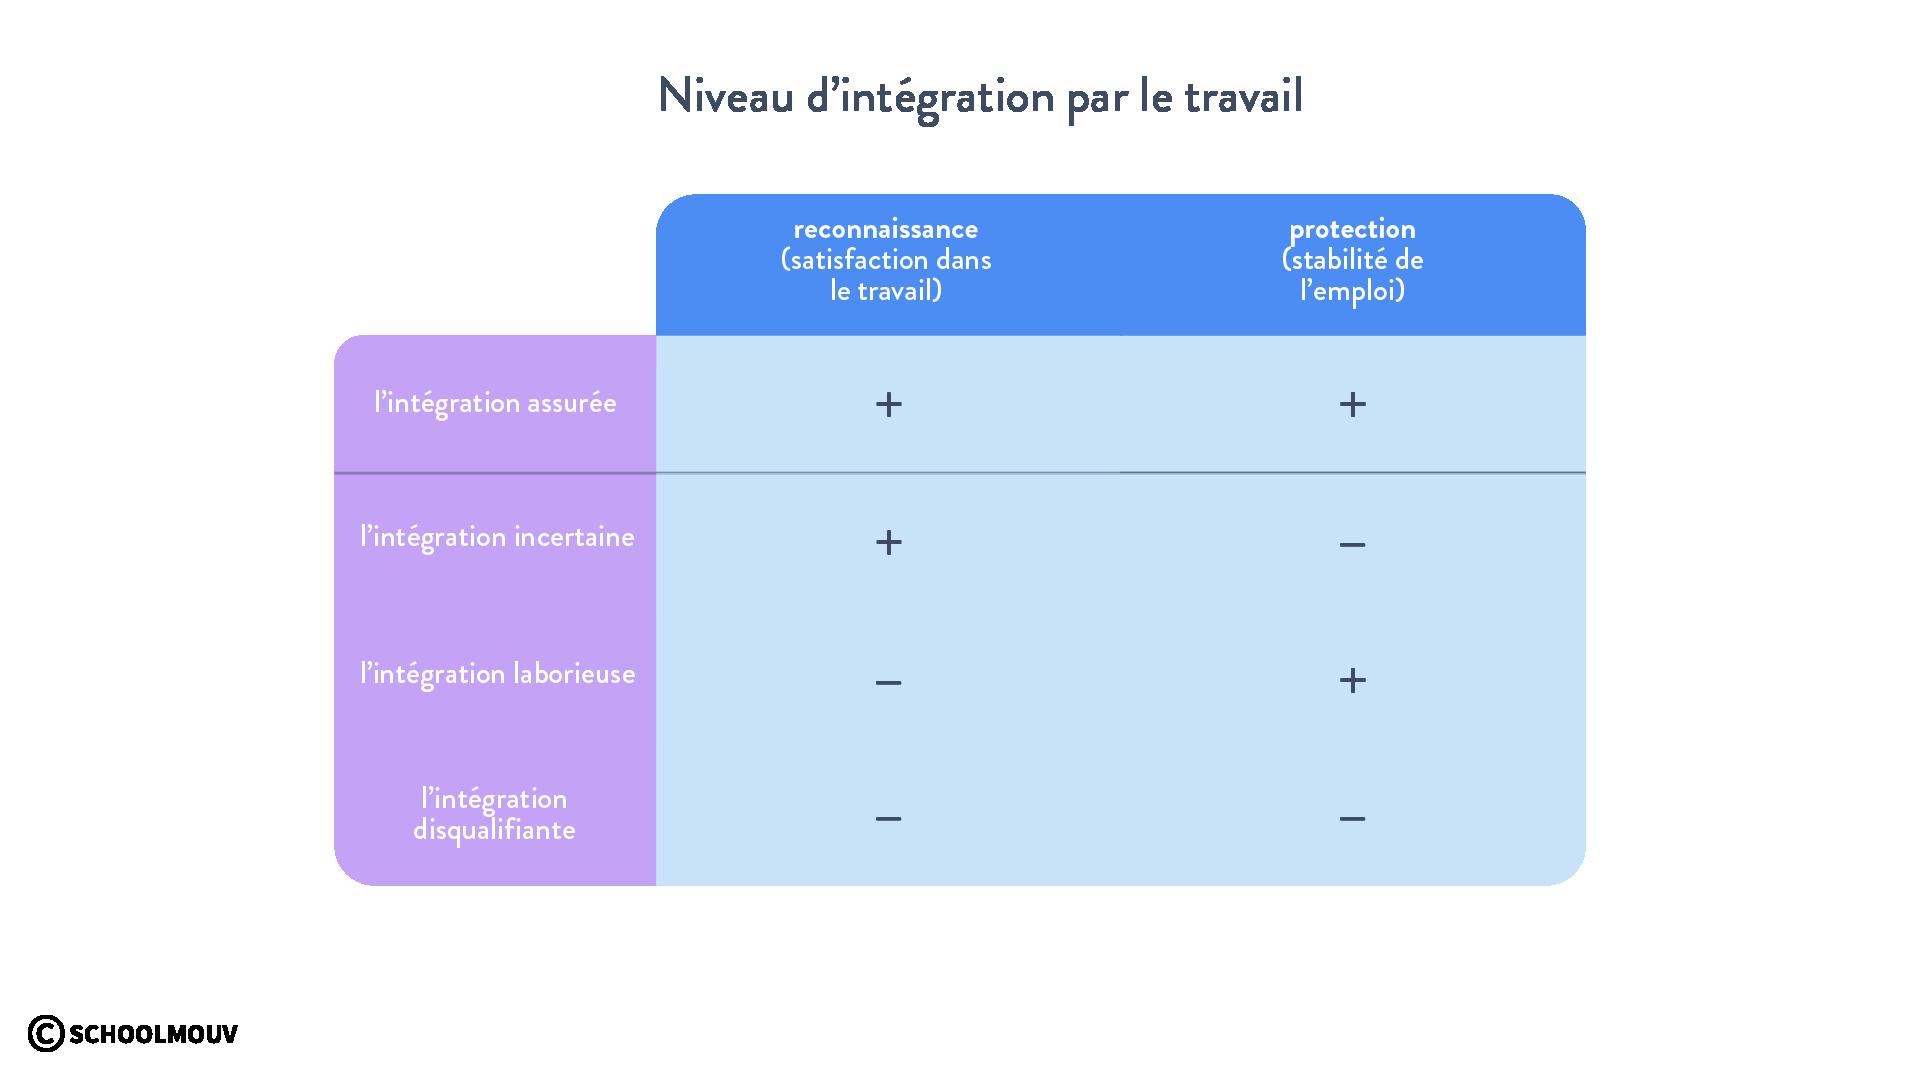 Niveaux d'intégration par le travail